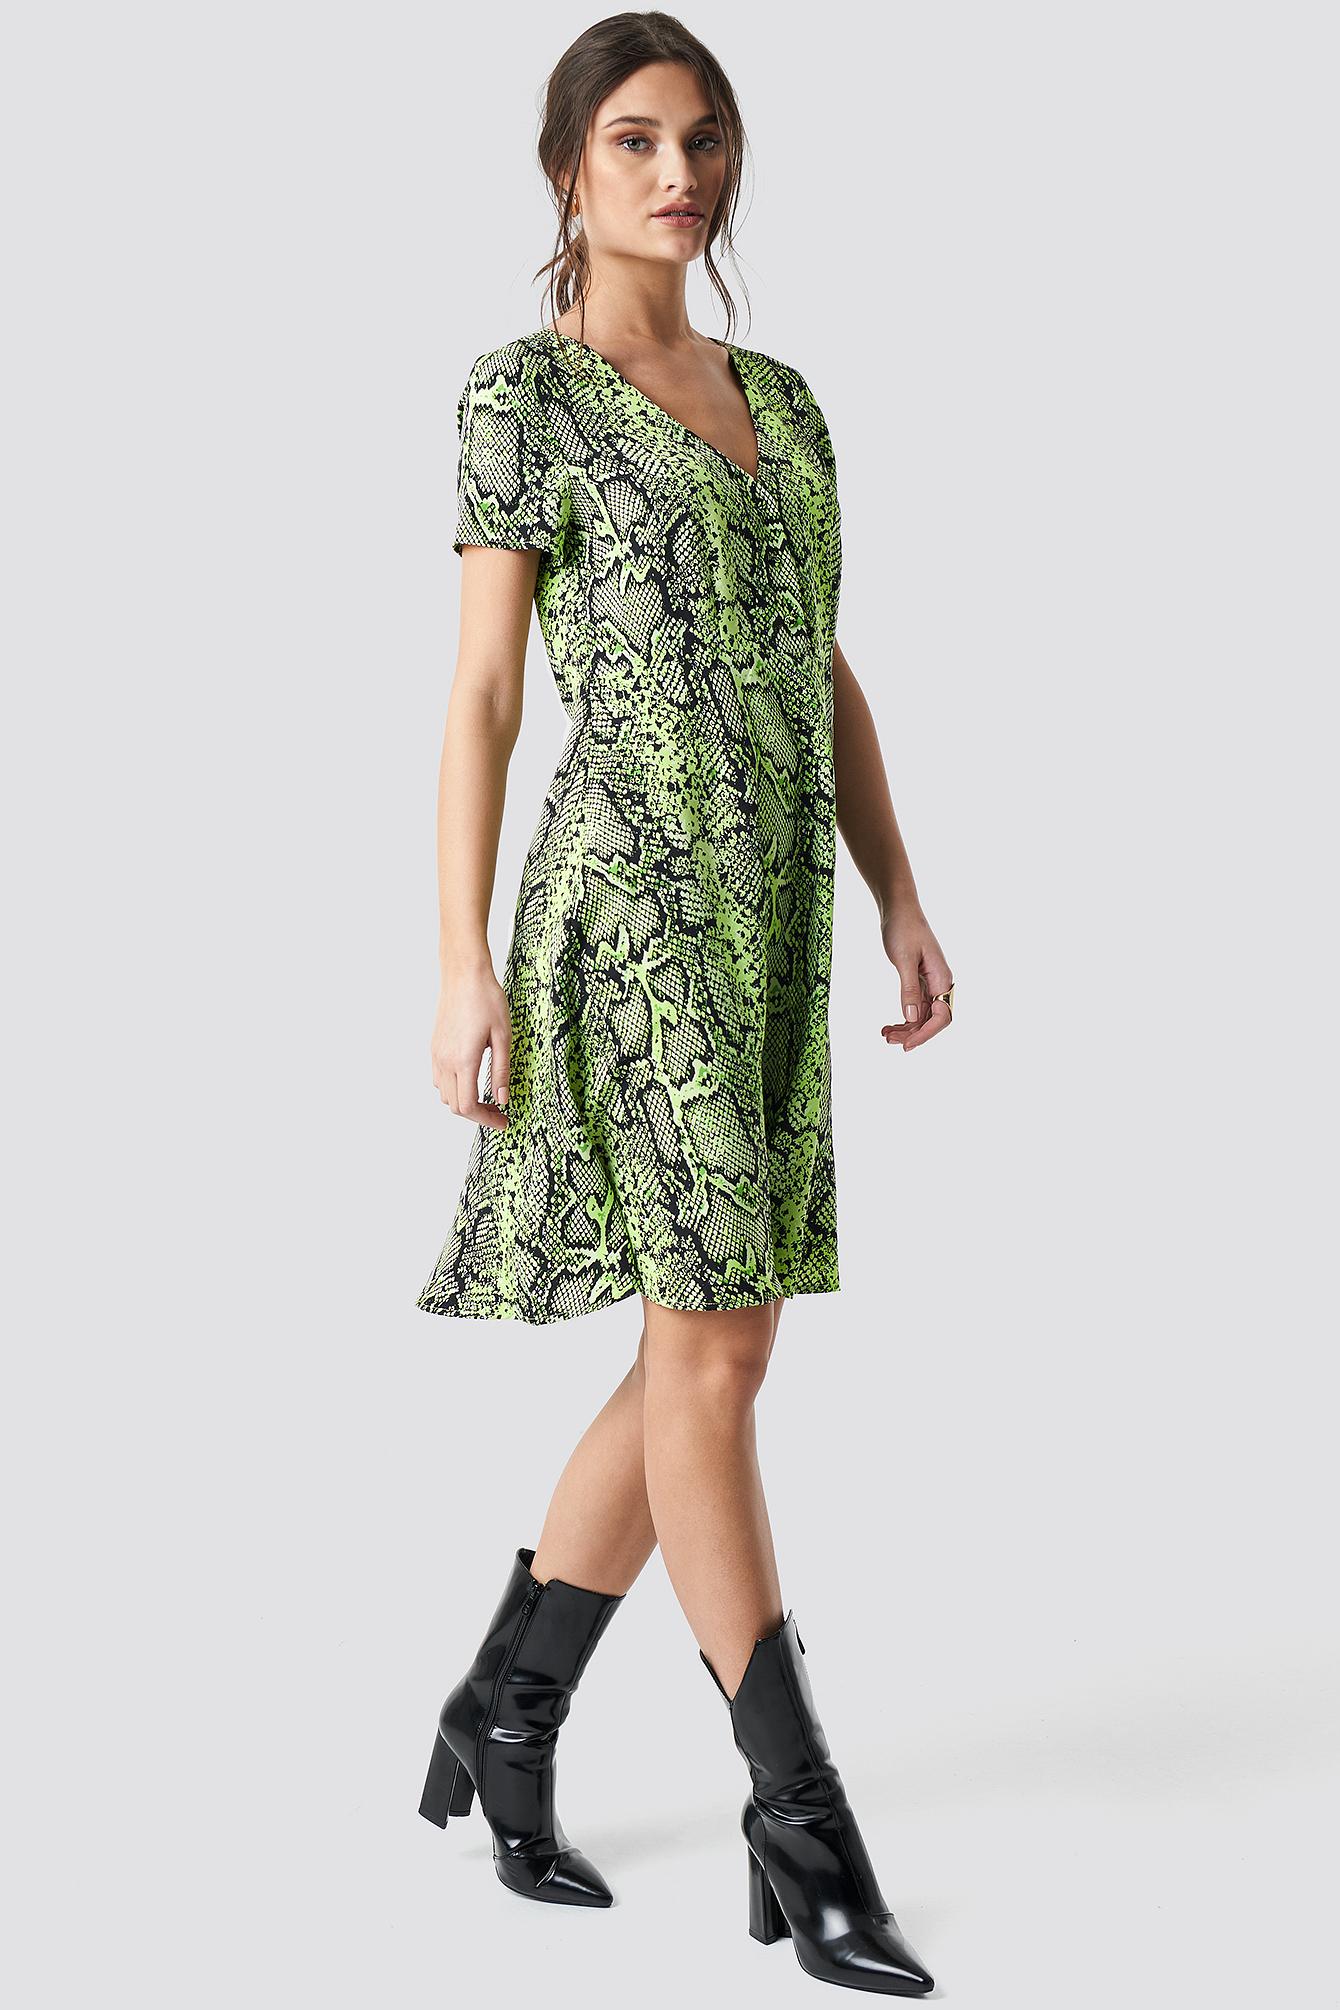 2a626f5f4307 Na-Kd Snake Print Button Up Short Sleeve Dress - Green | ModeSens